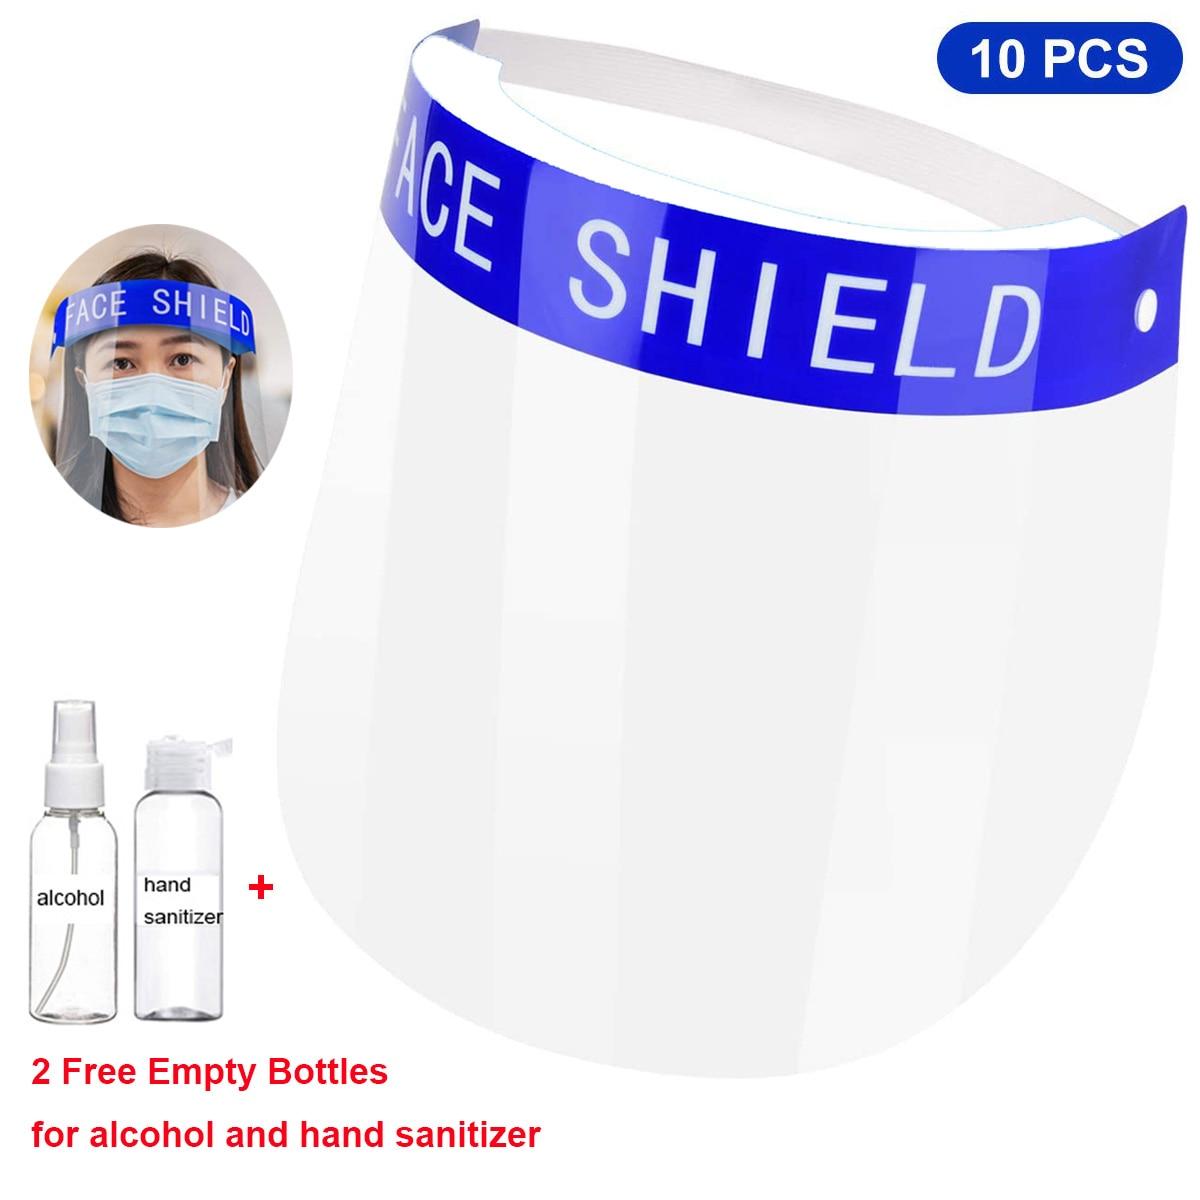 10 Uds Protector de seguridad para el rostro máscara protectora, Anti splash anit fog Visor de cara completa cubierta de pantalla de plástico transparente      - AliExpress